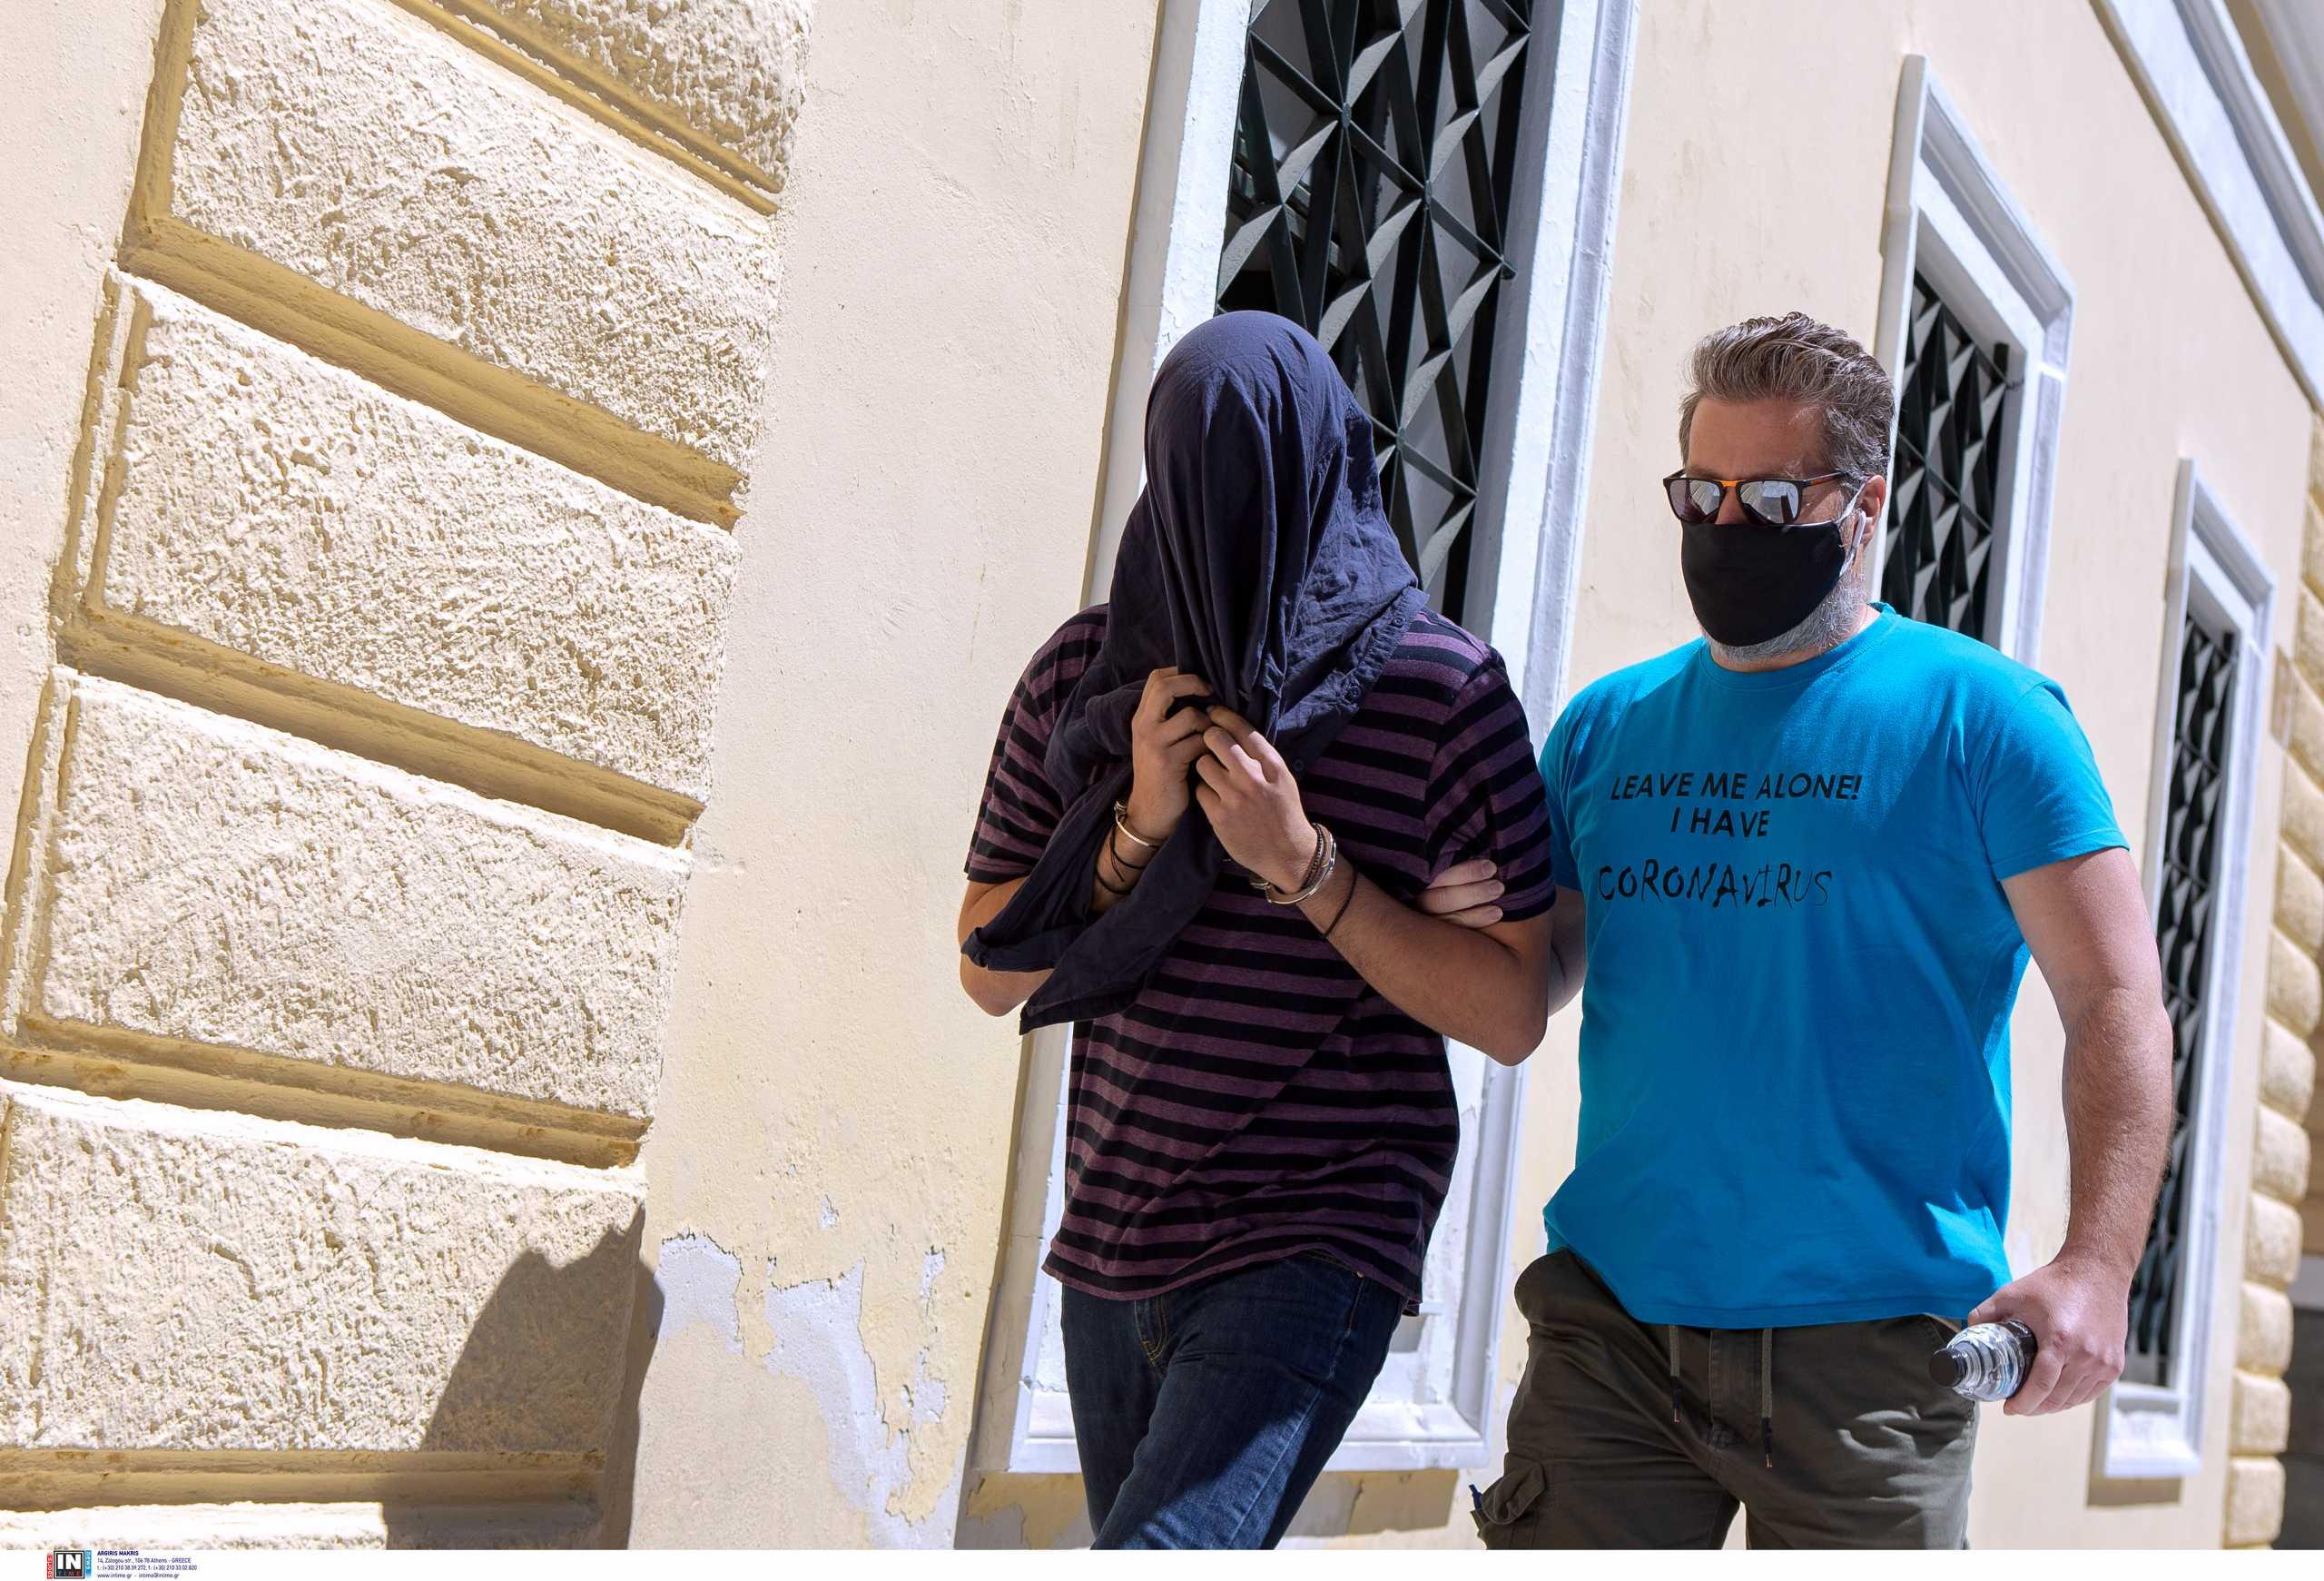 Νέα Σμύρνη: Αναβολή στη δίκη του 22χρονου σάτυρου λόγω κορονοϊού